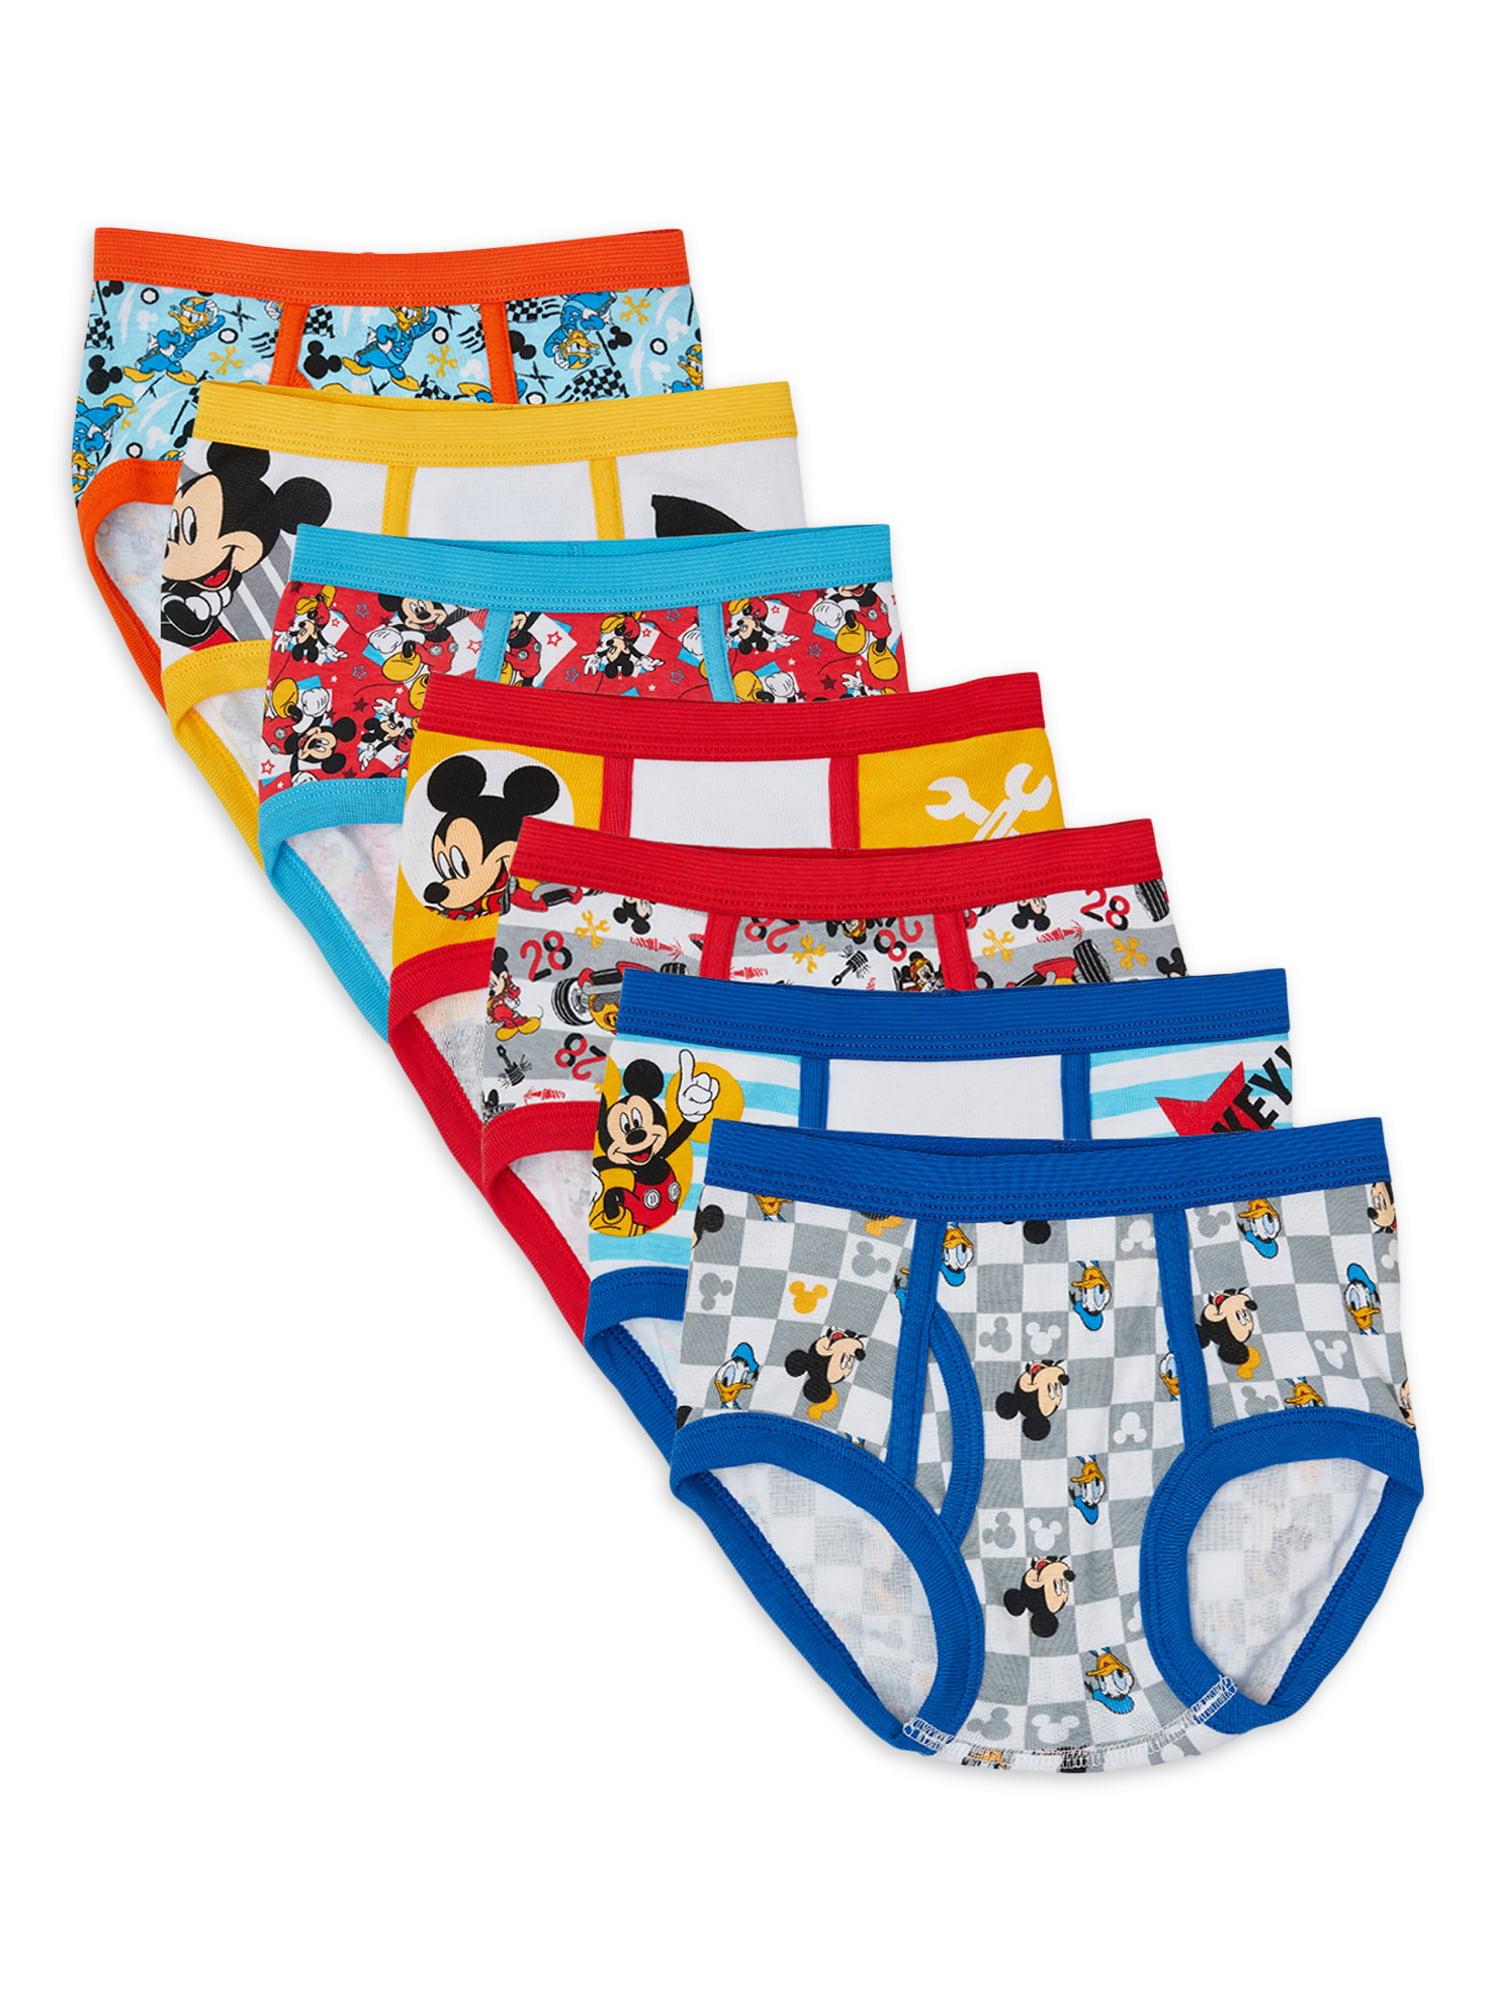 Disney Pixar Toy Story Boys  3 Pack Briefs Underwear 100/% cotton Age 5 6 7 8